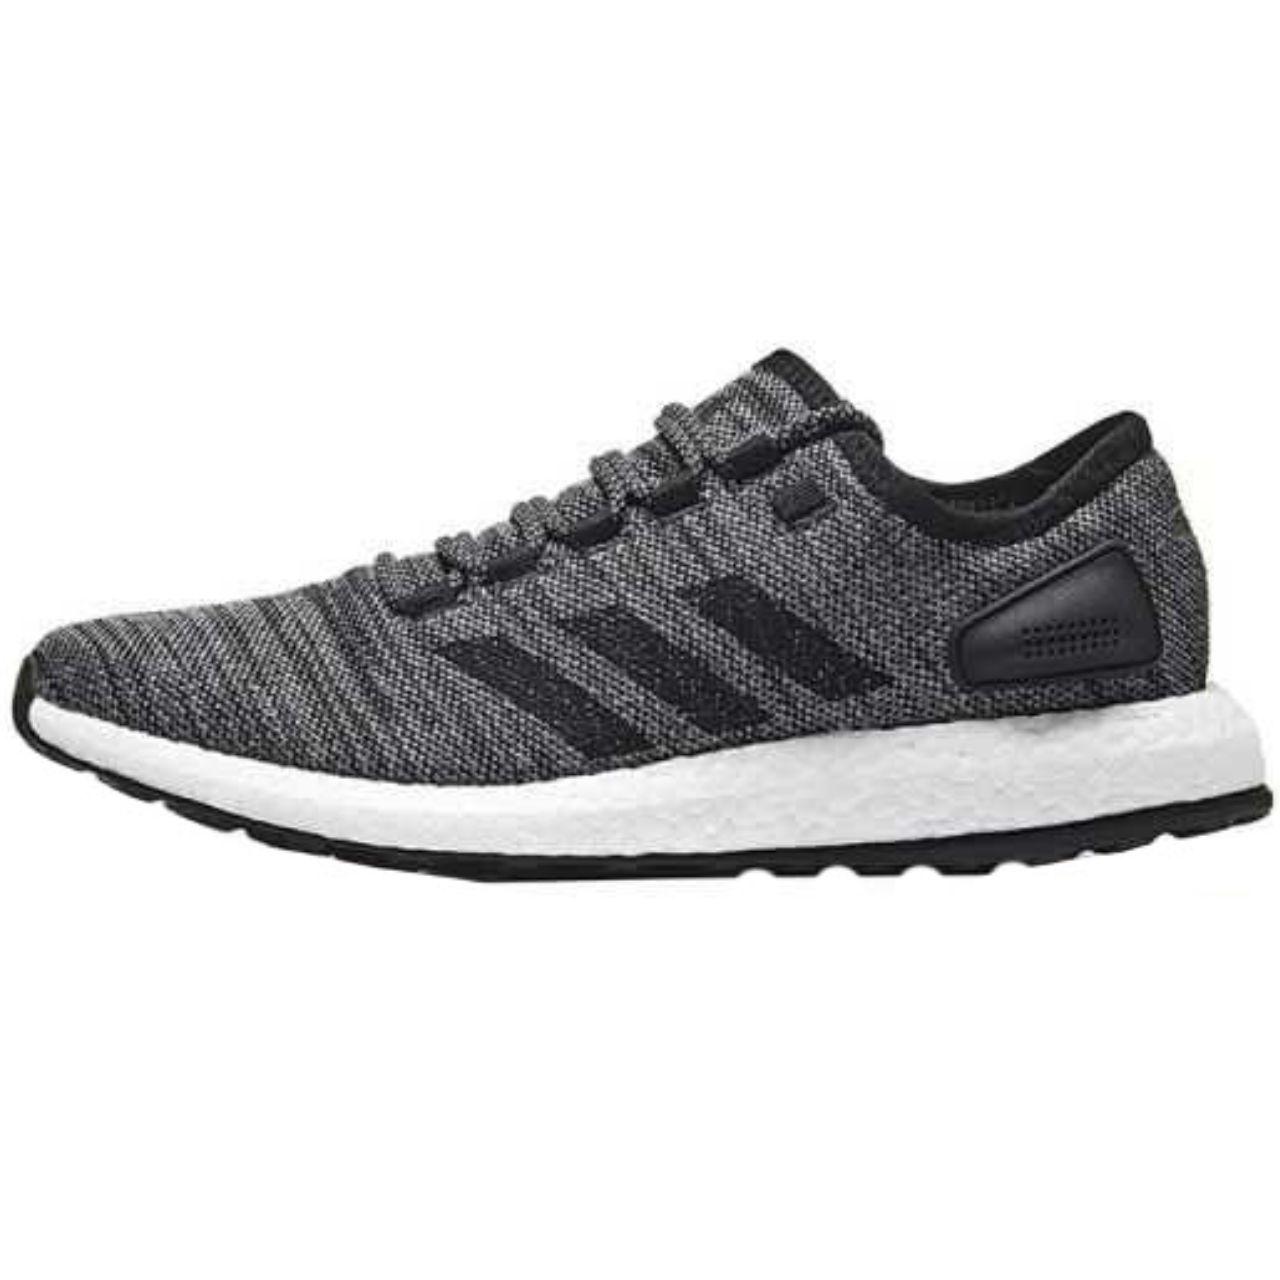 قیمت کفش مخصوص دویدن مردانه آدیداس مدل ADIDAS PUREBOOST ALL TERRAIN